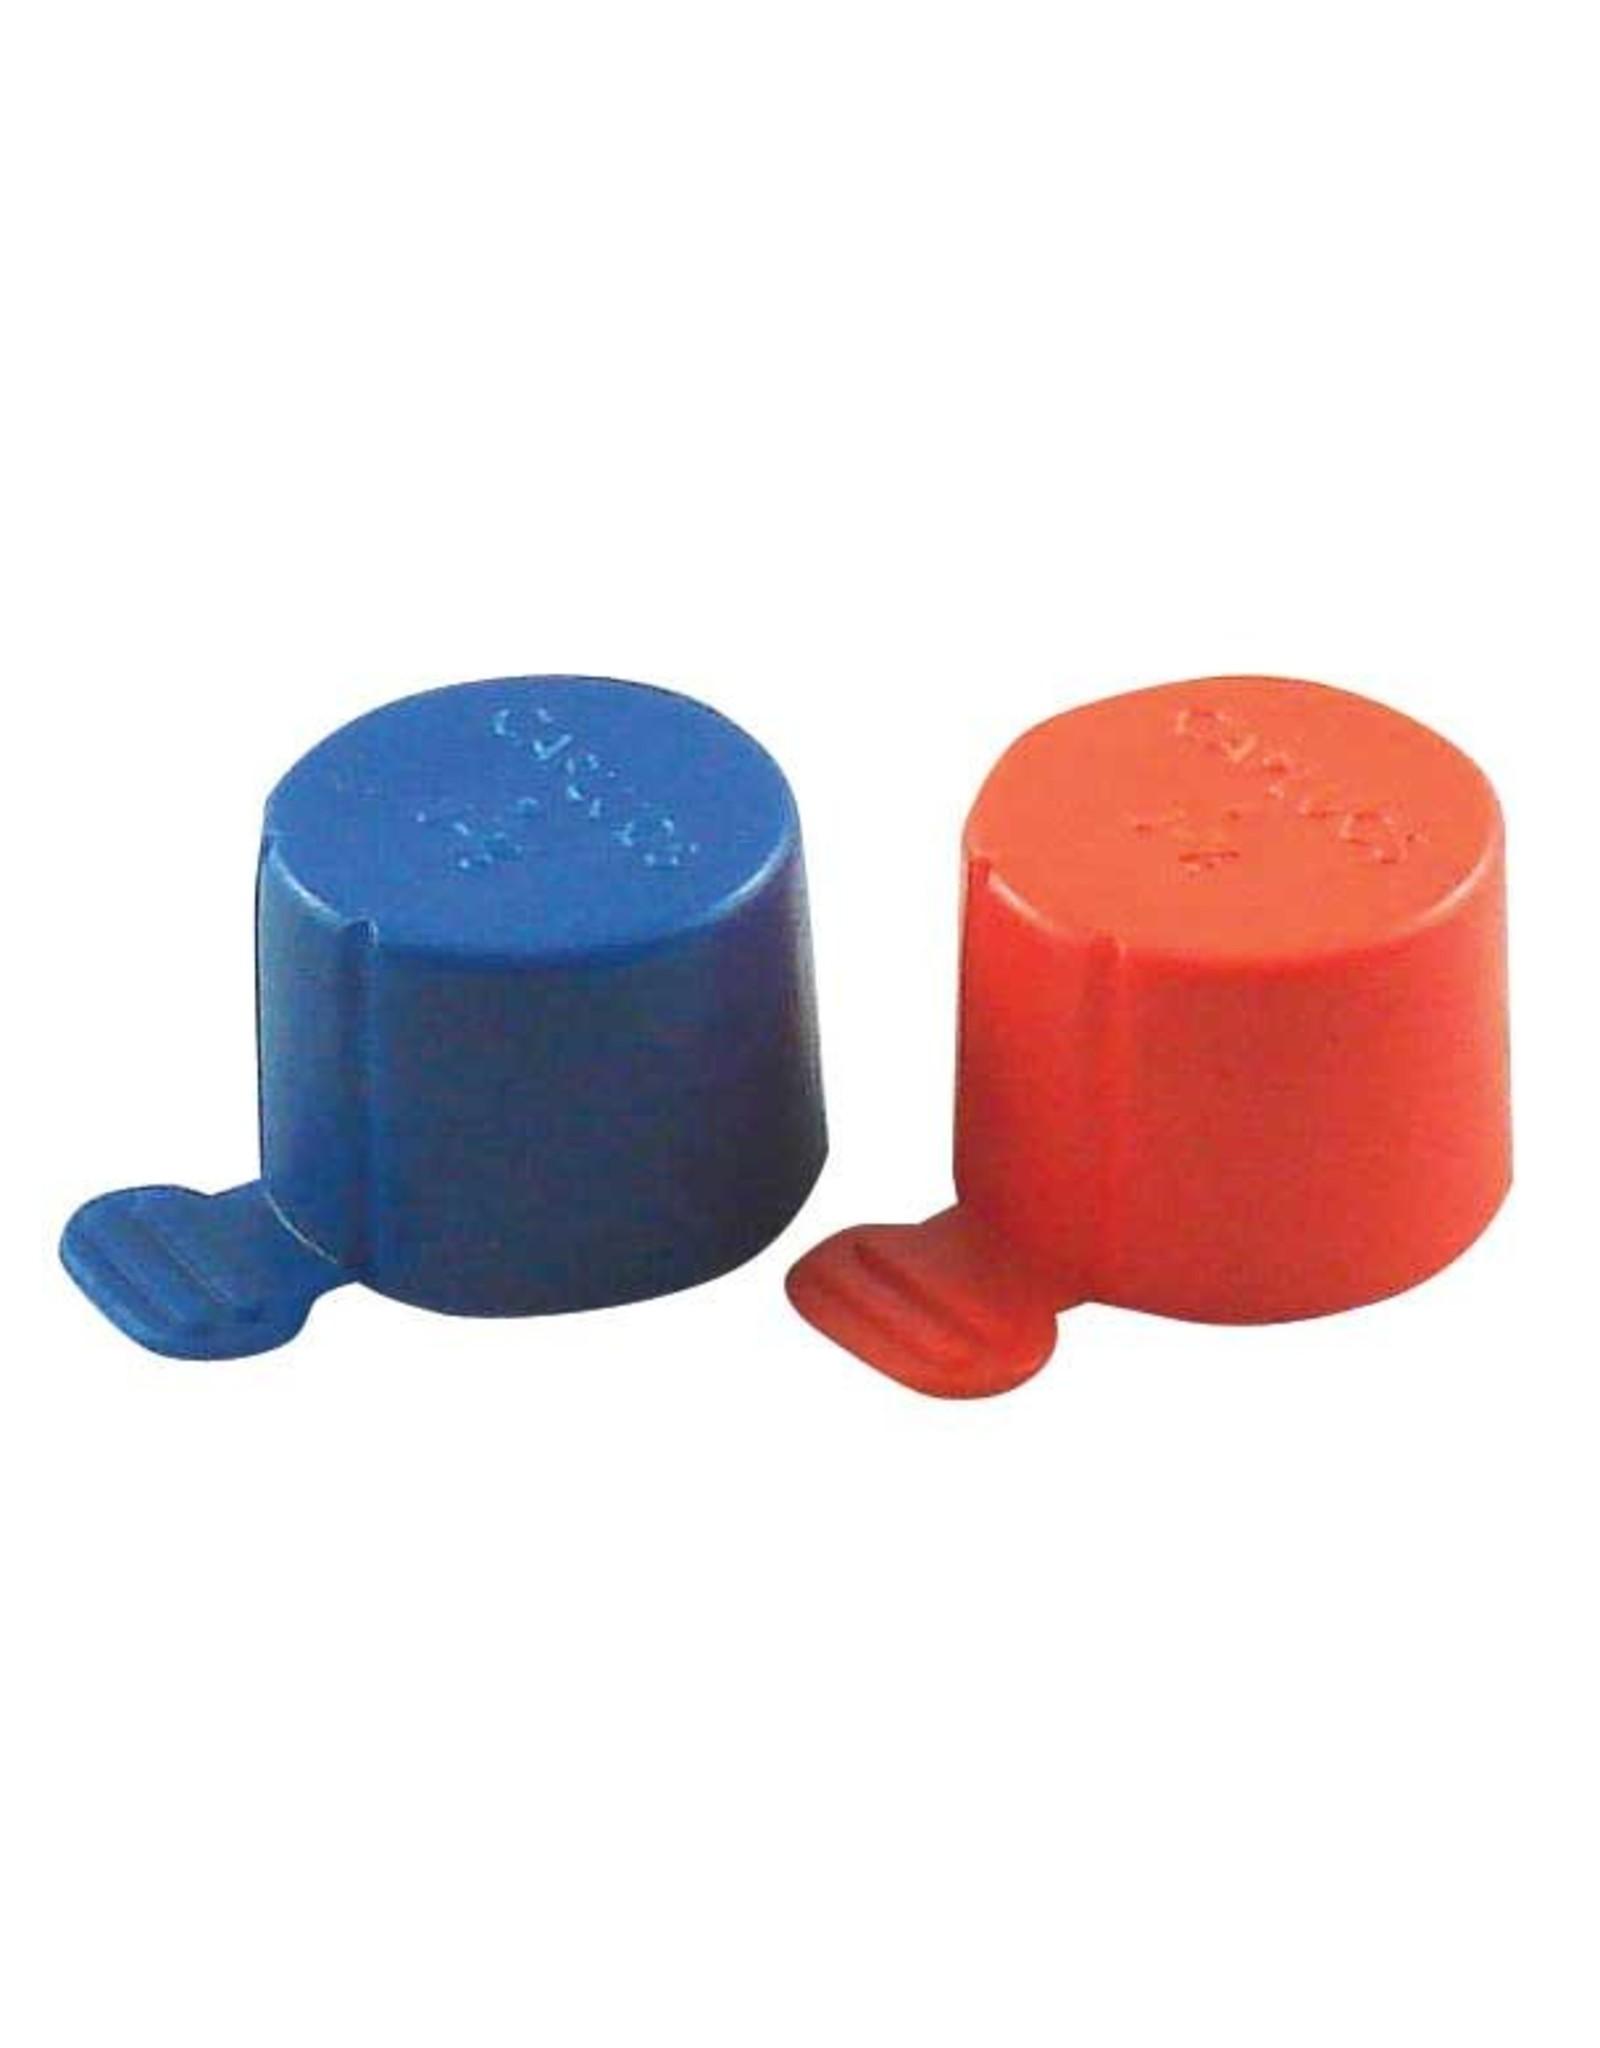 BLUE CO2 PILFER PROTECT CAP